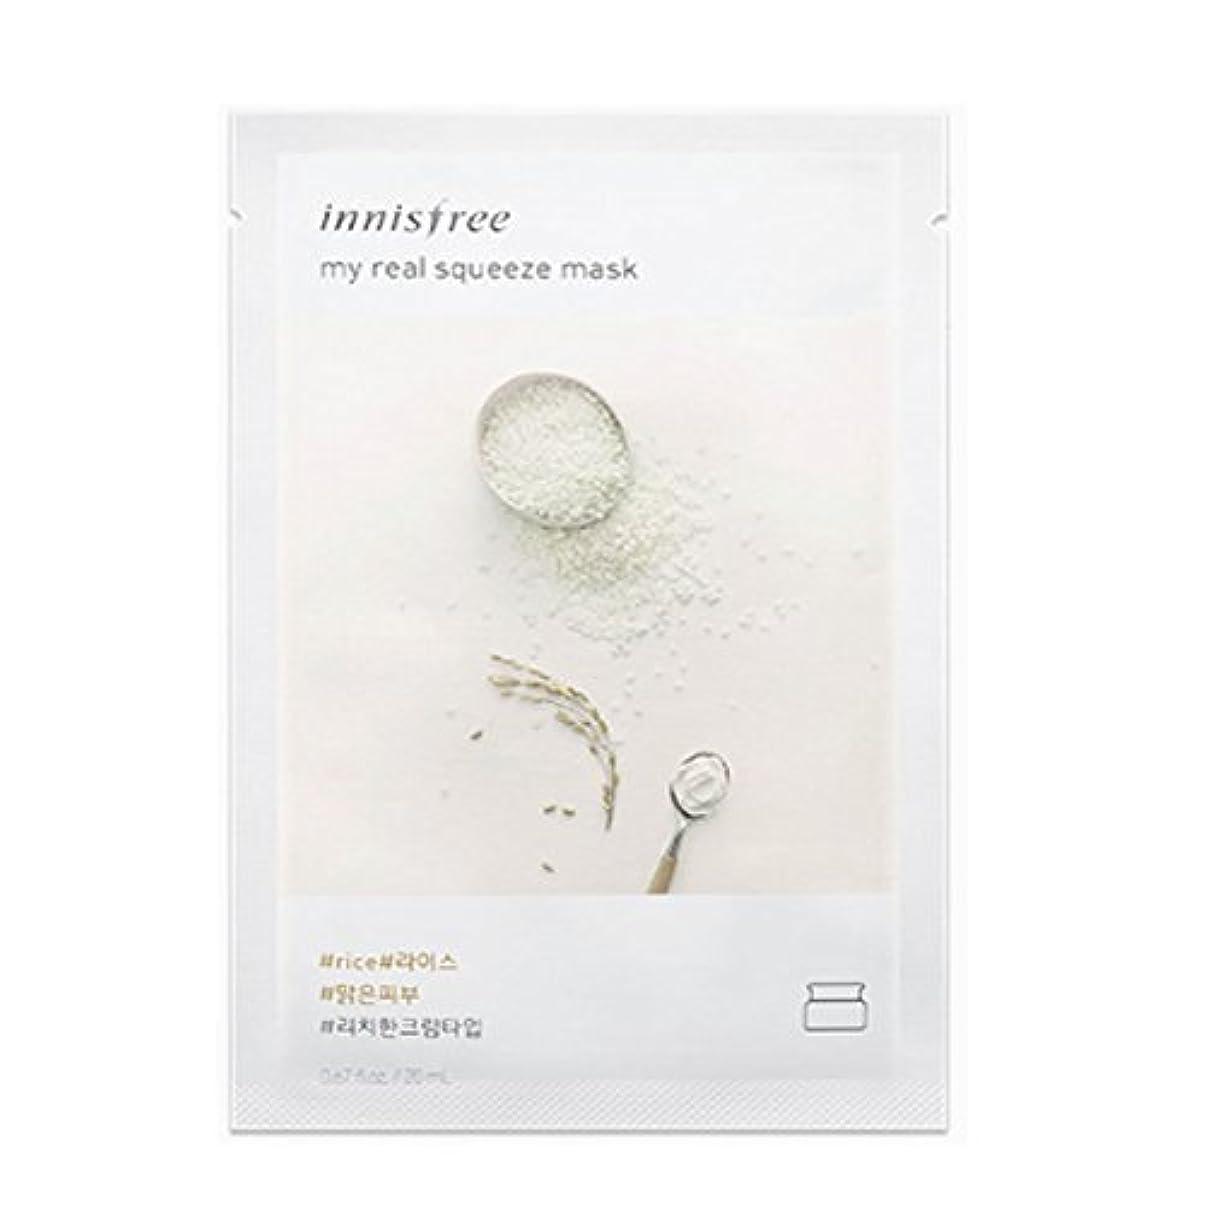 緑適合ボランティアイニスフリーマイレアルスクイーズマスクシート20ml x 10pcs Innisfree My Real Squeeze Mask Sheet 20ml x 10pcs [海外直送品][並行輸入品] (12.ライス)